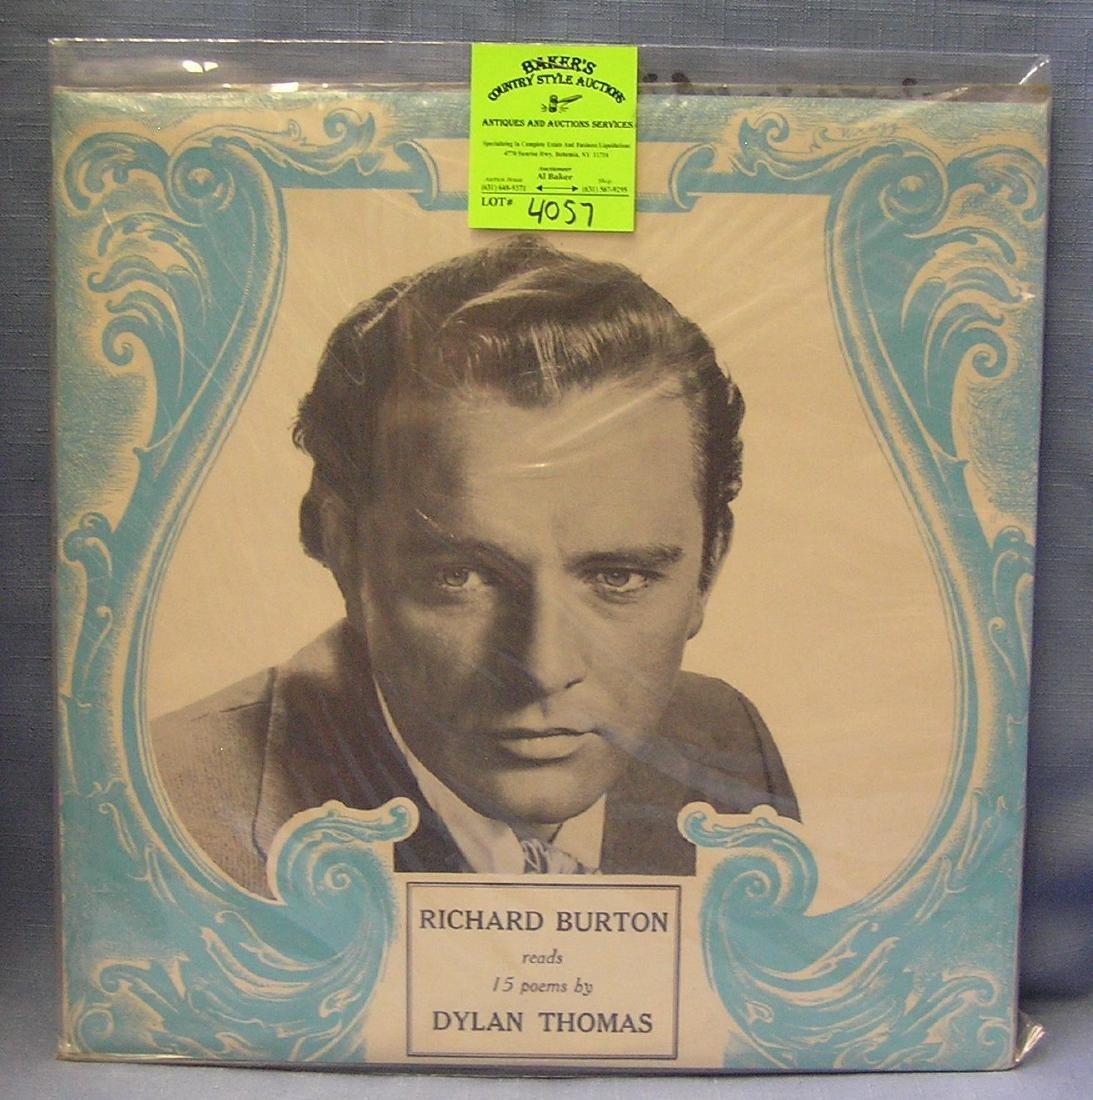 Vintage Richard Burton record album